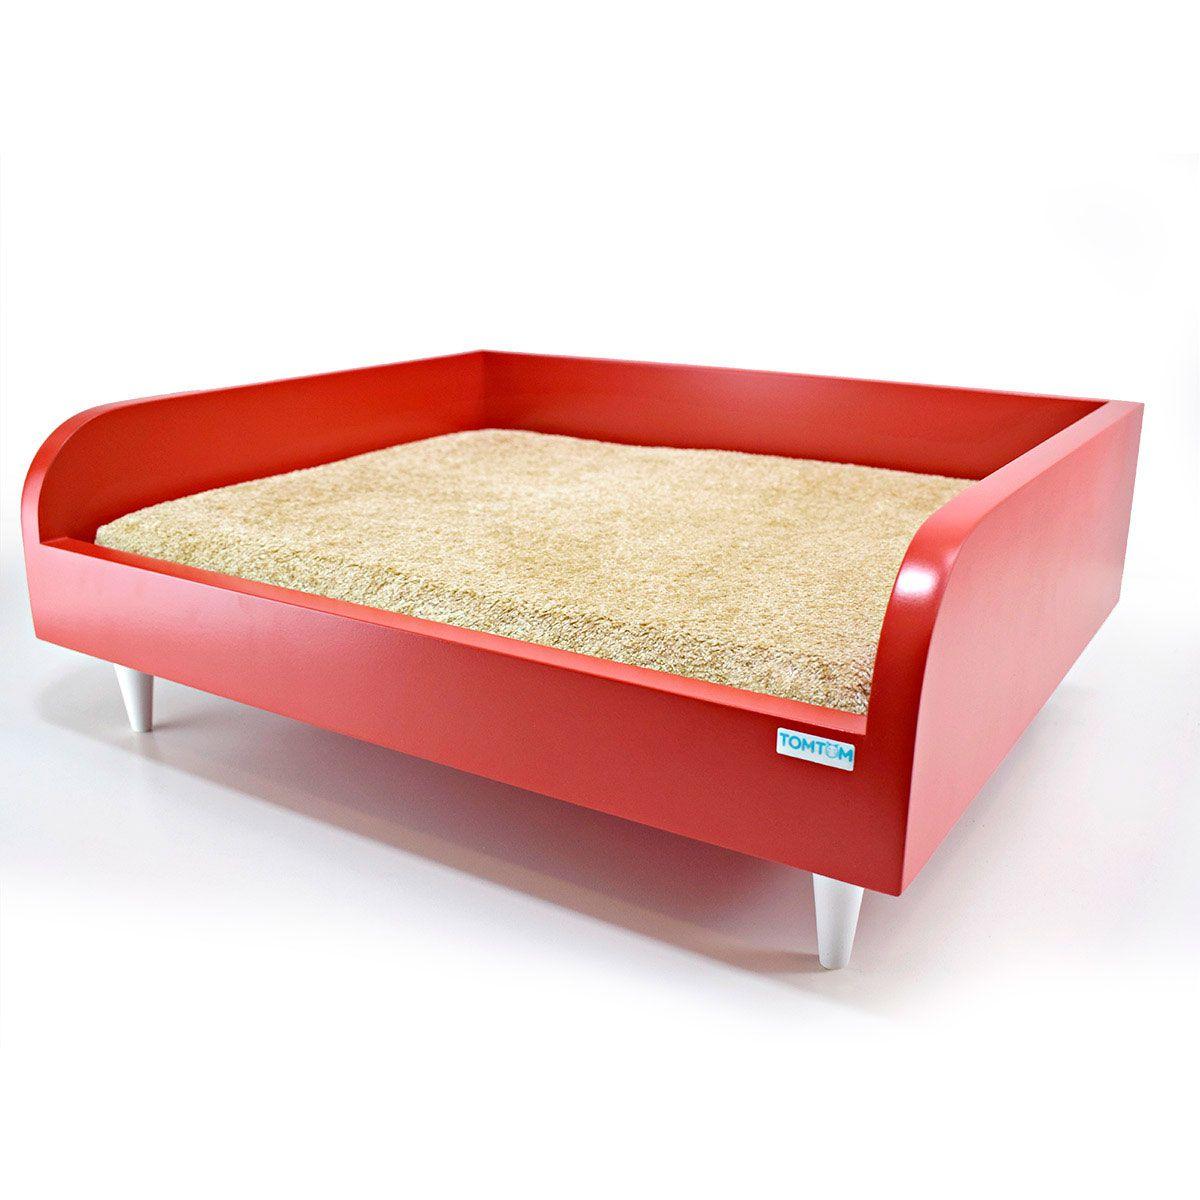 Sofá para Cachorro Pequeno Tomtom Vermelho - M